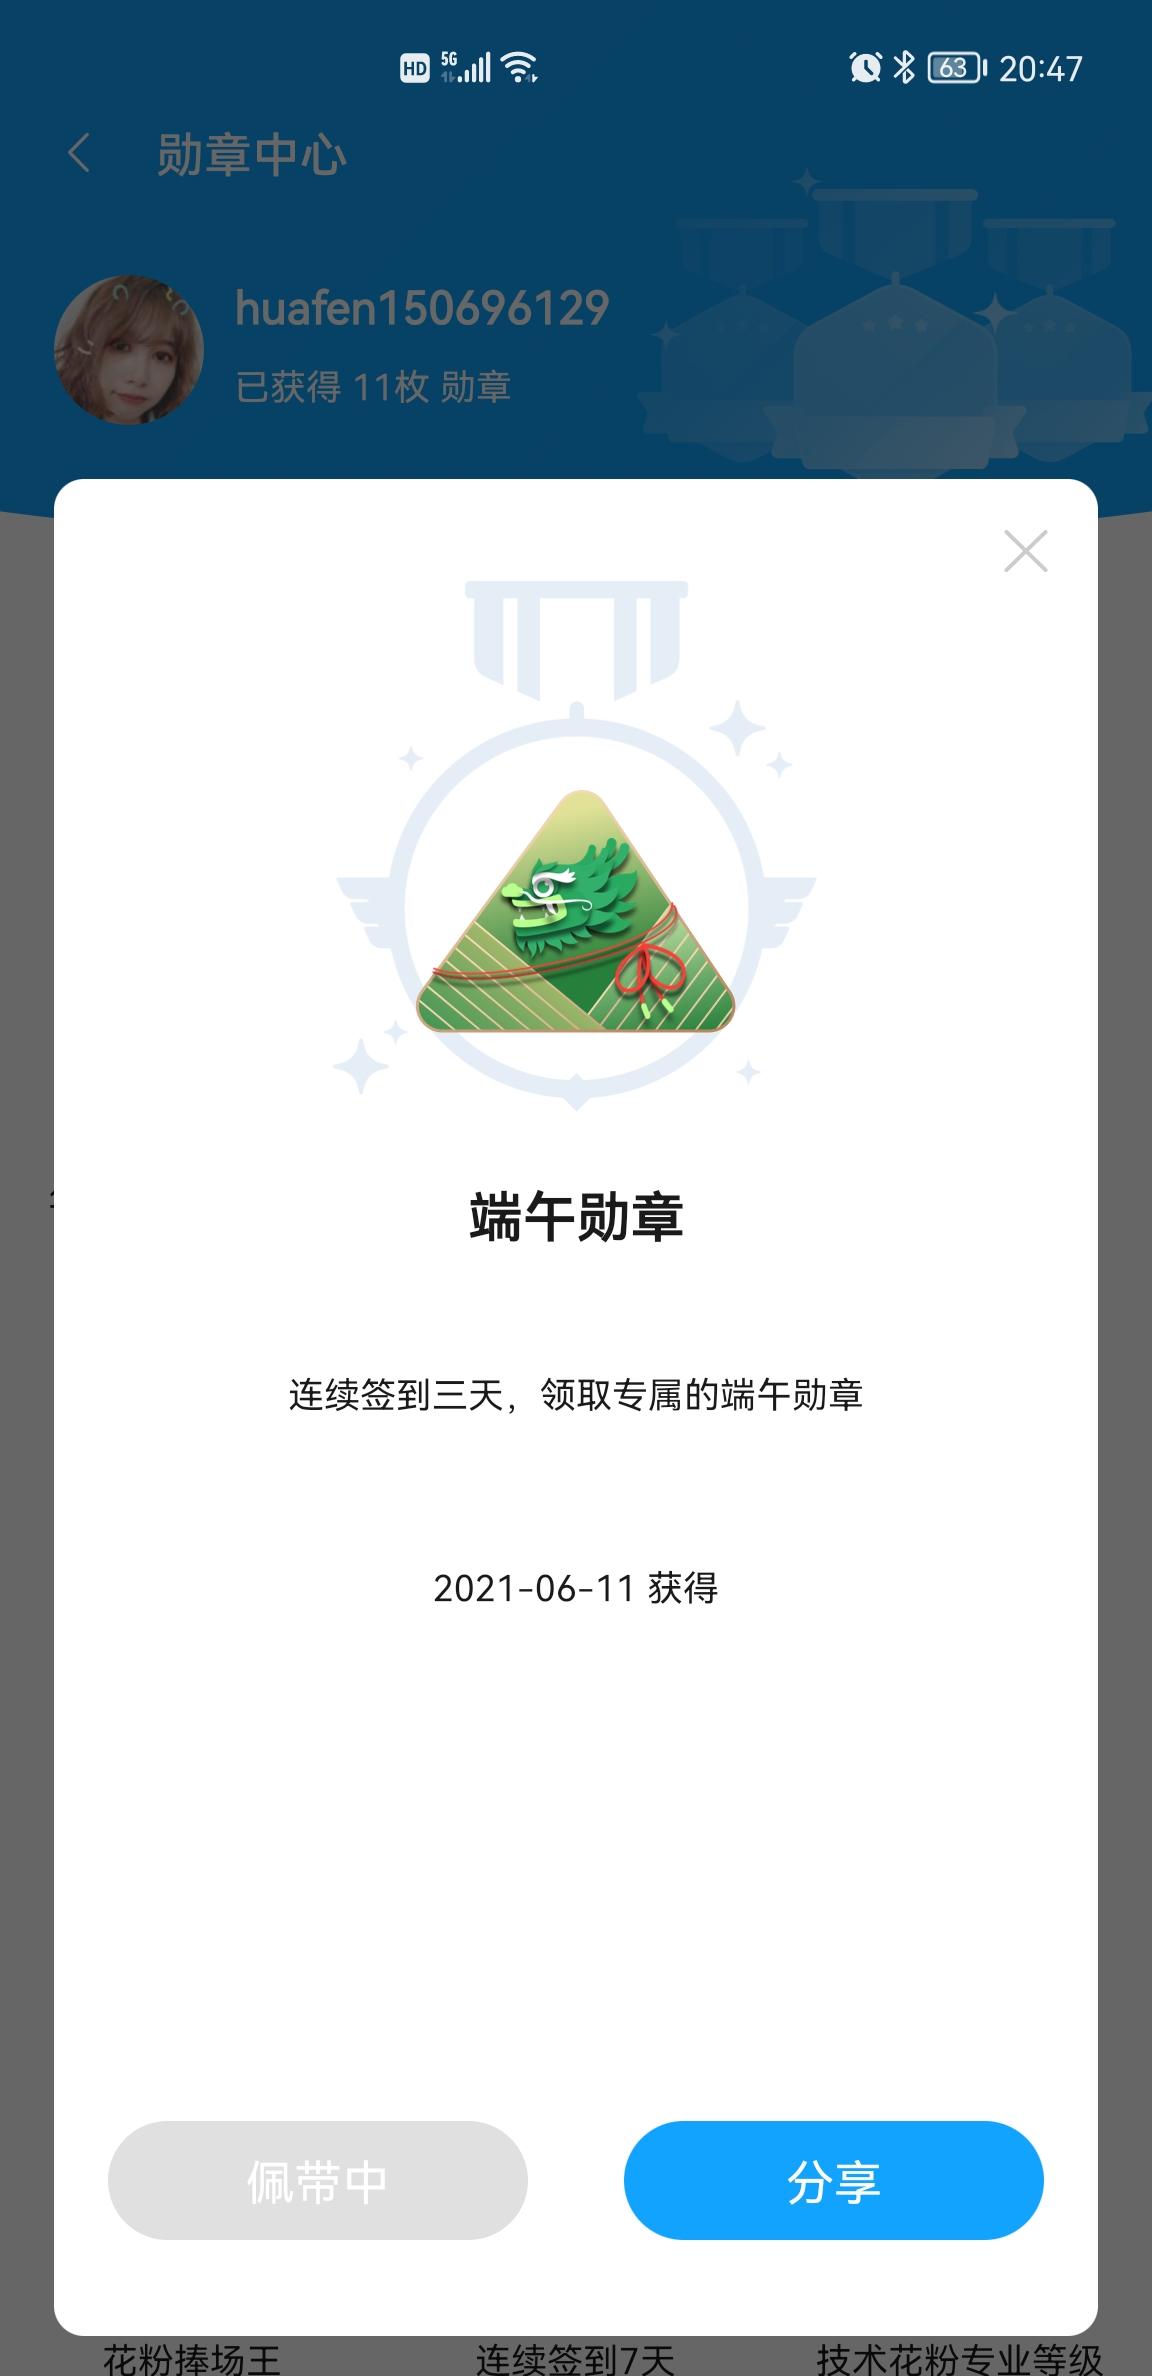 Screenshot_20210611_204724_com.huawei.fans.jpg